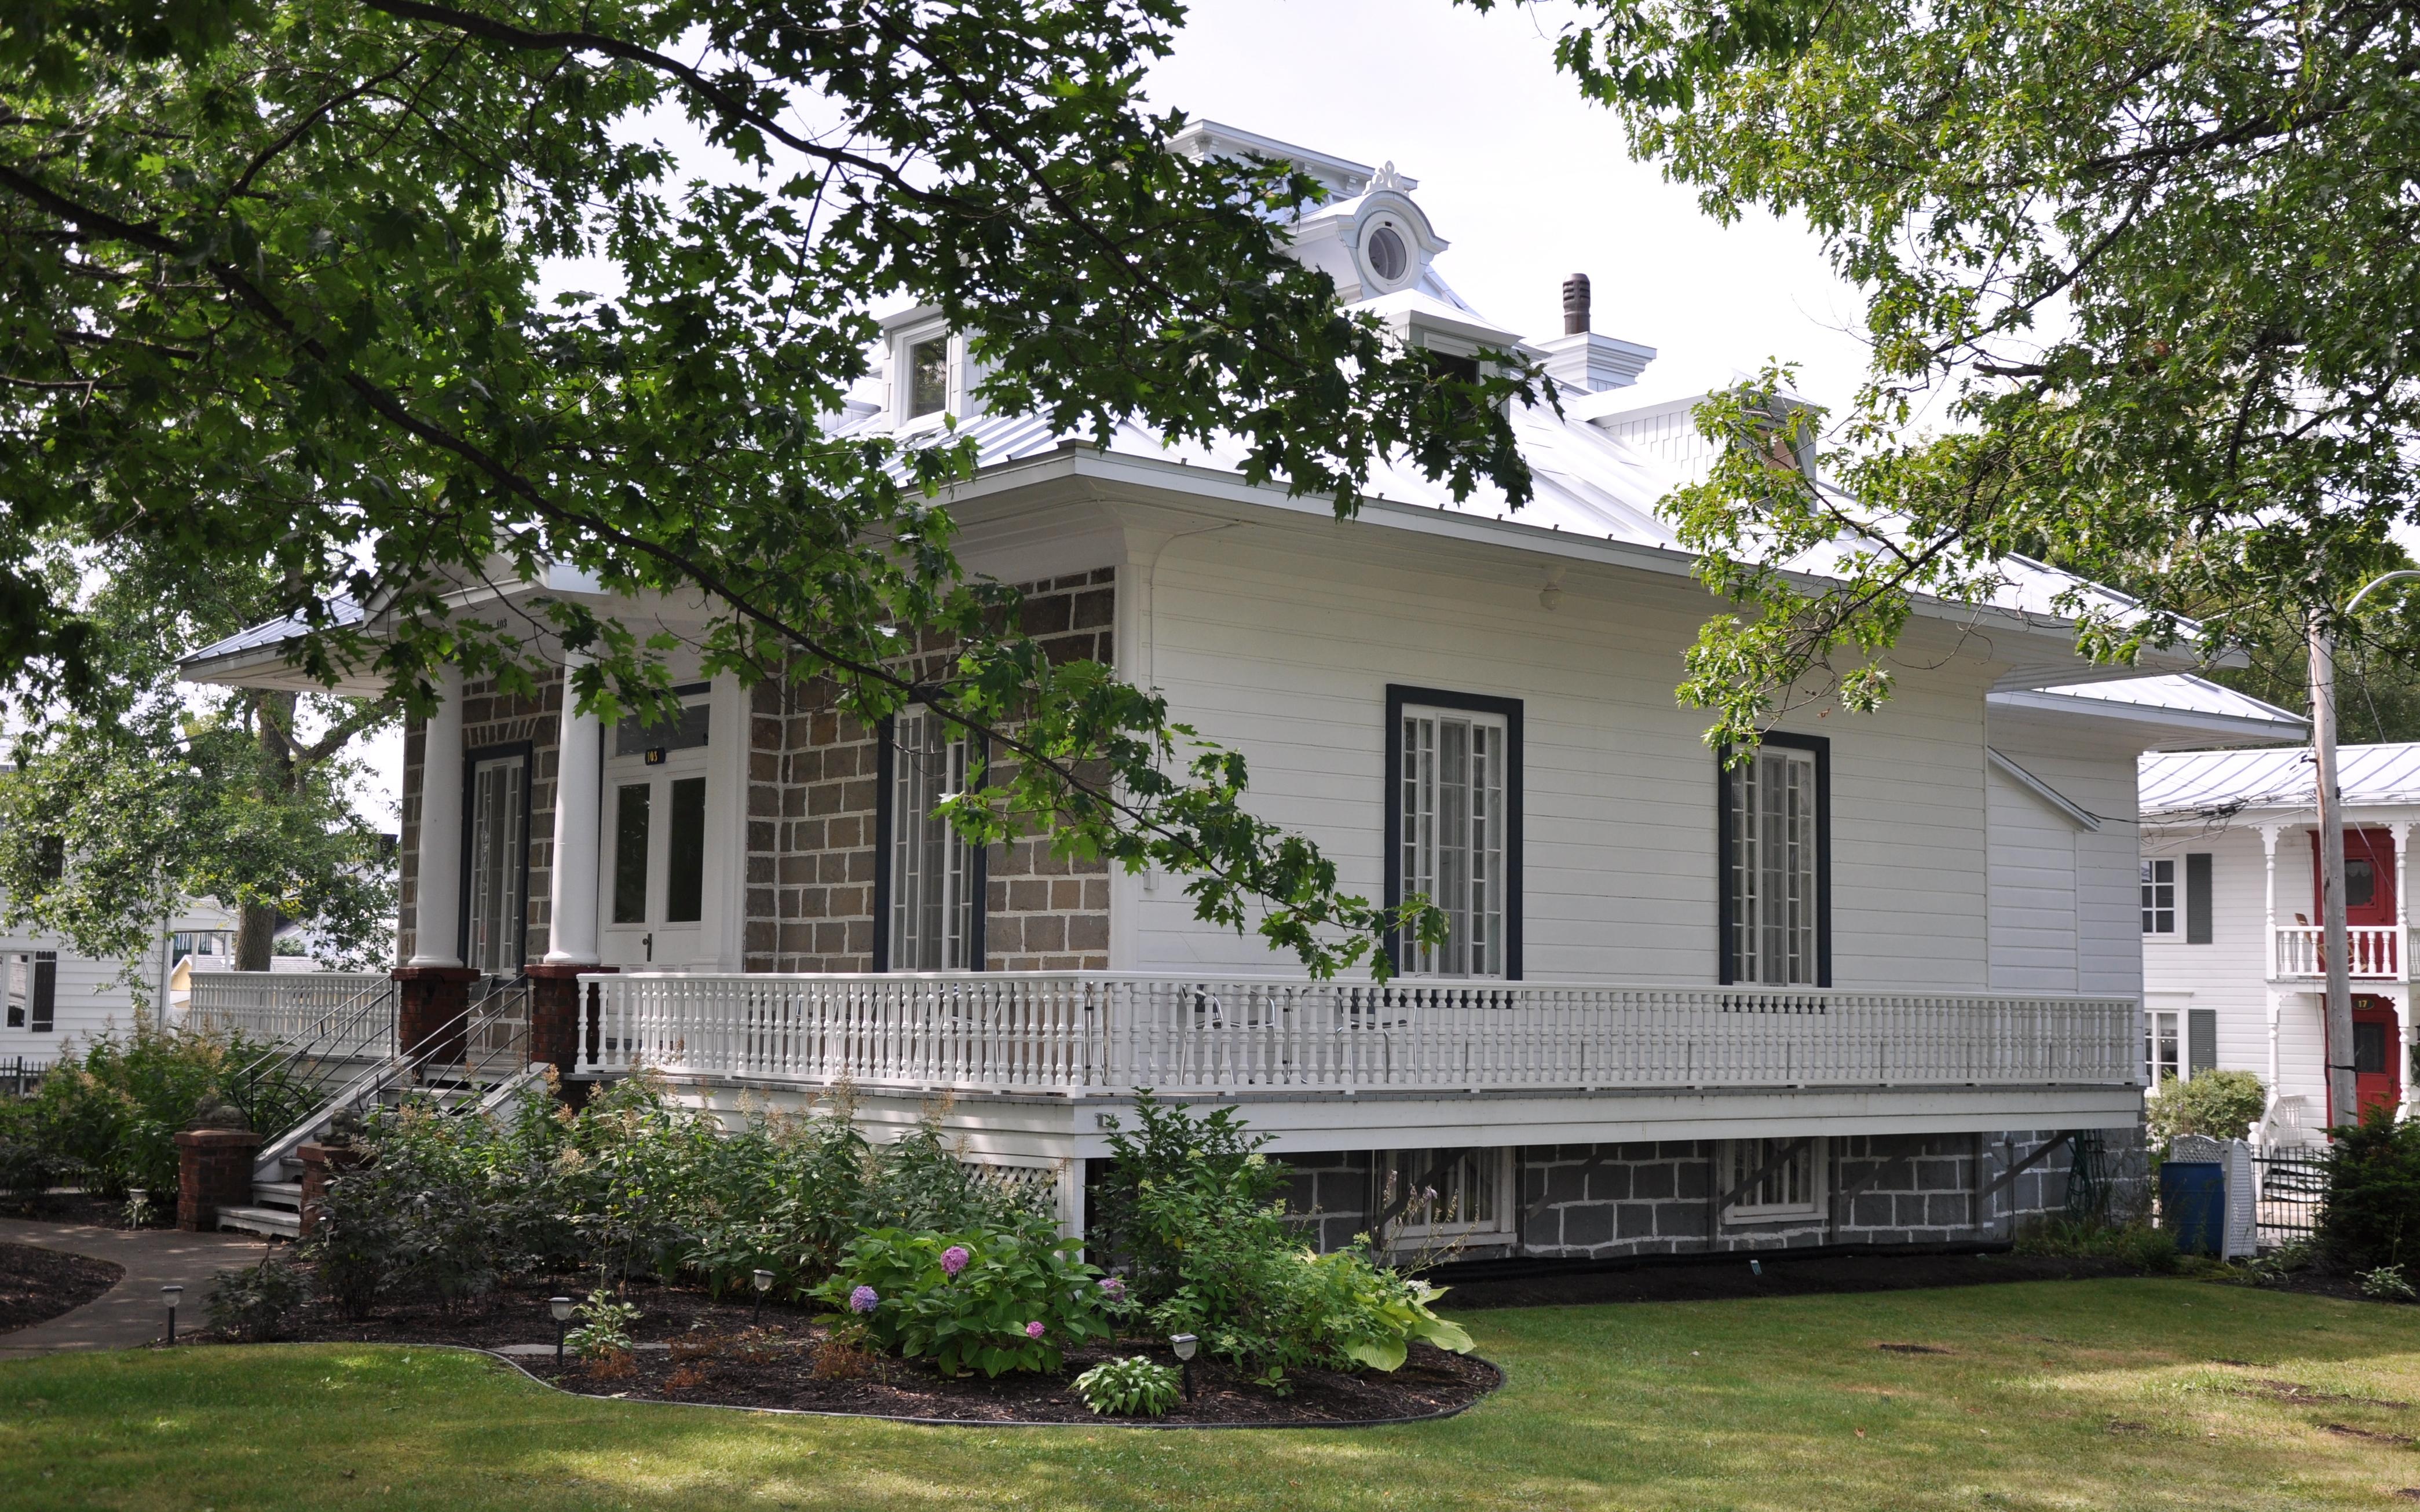 Maison historique sur la rue Principale